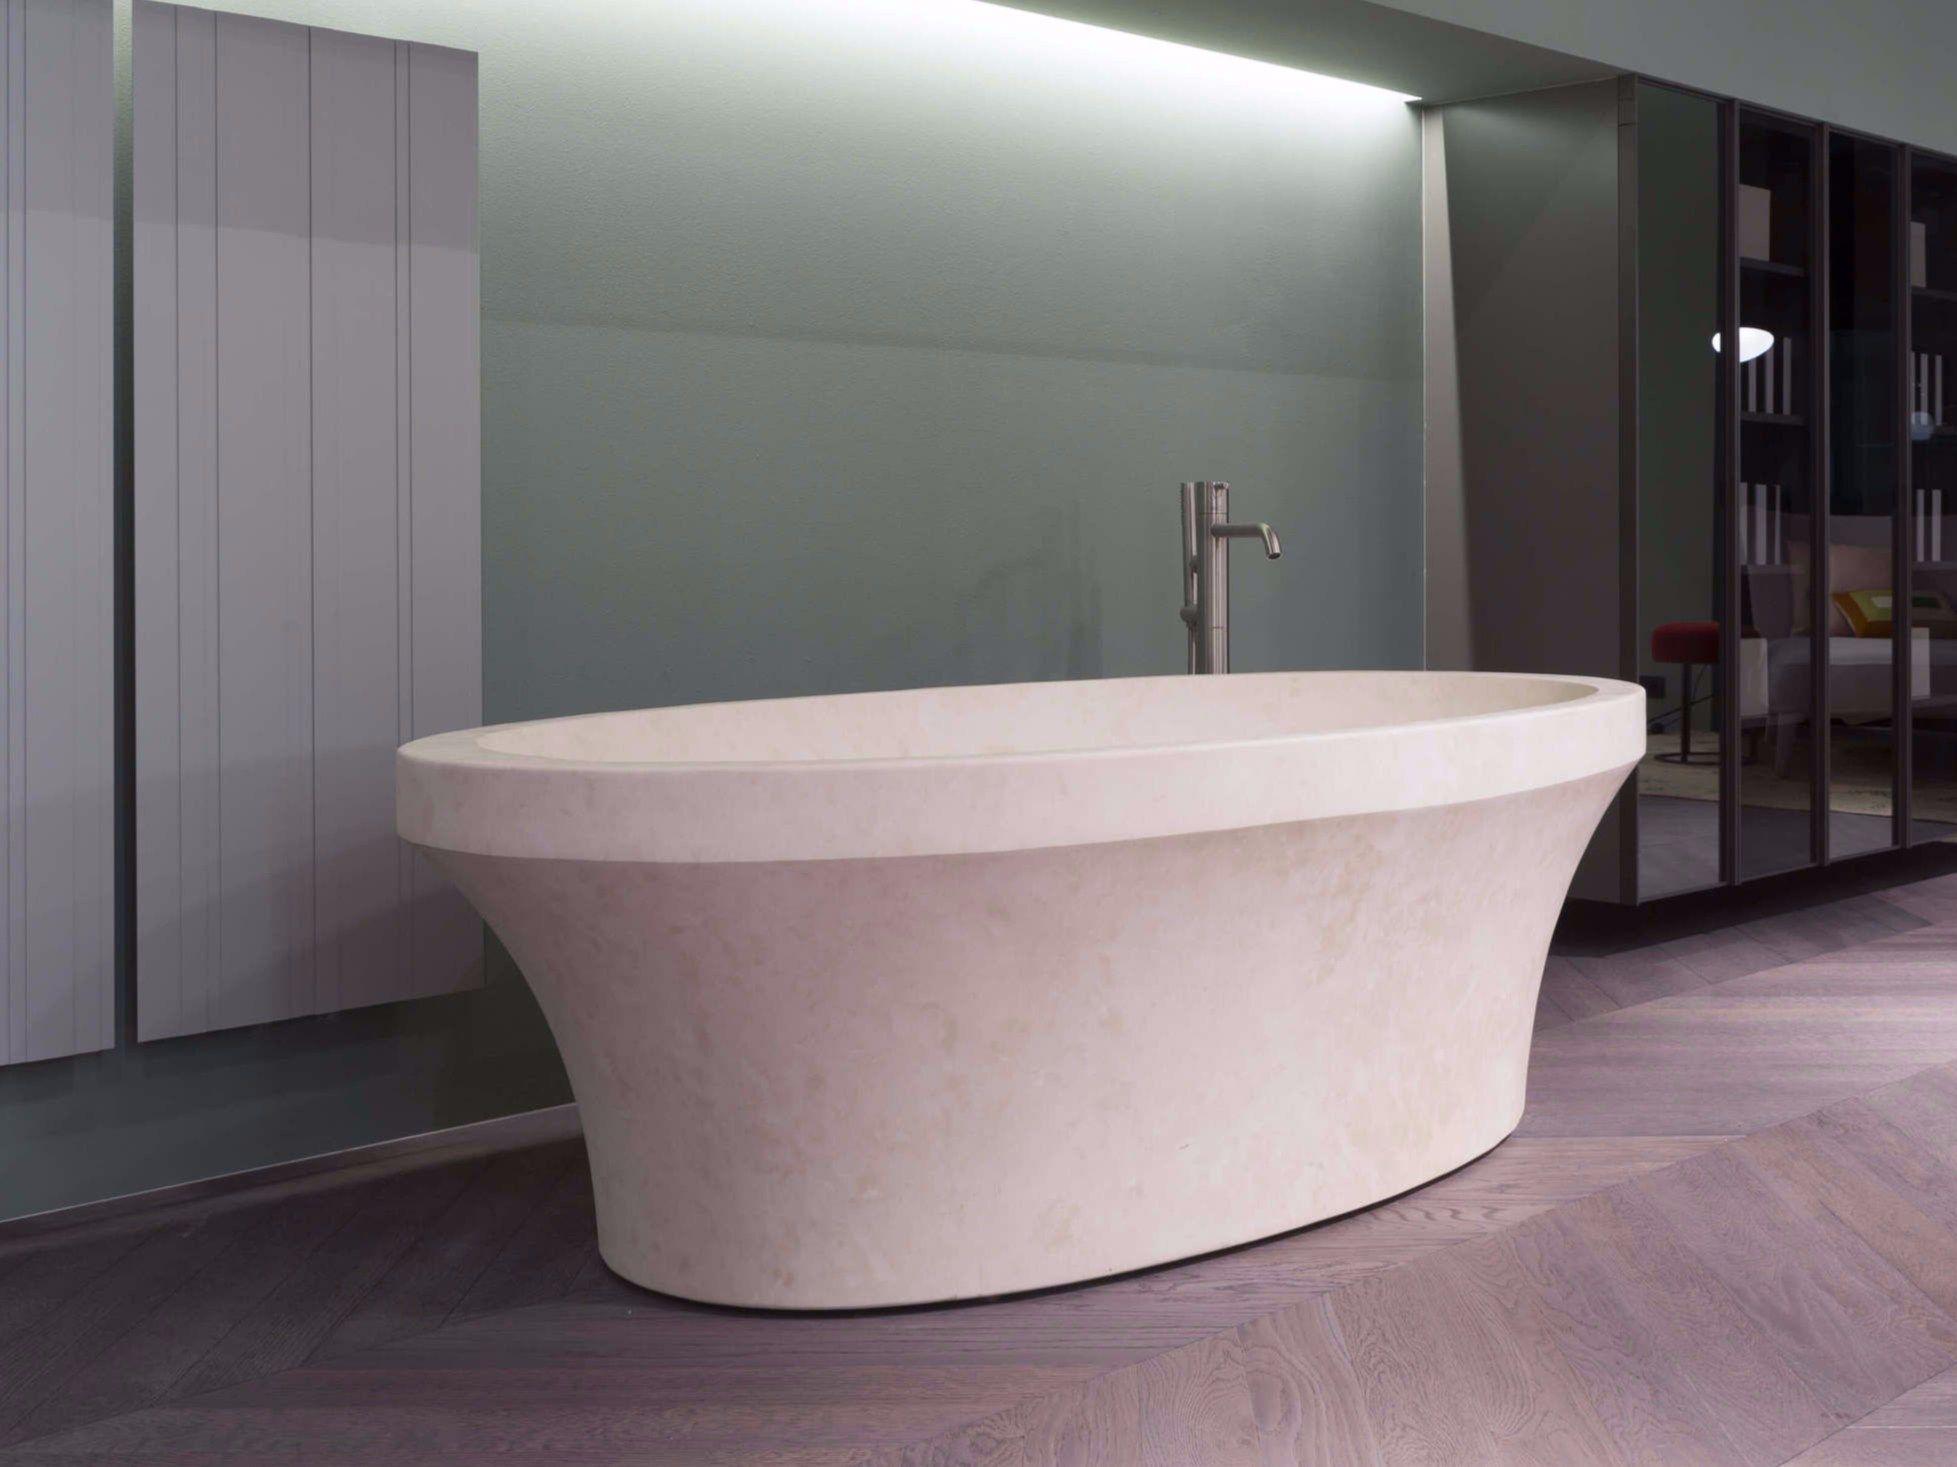 Vasca da bagno centro stanza ovale in pietra naturale - Vasca da bagno in pietra ...